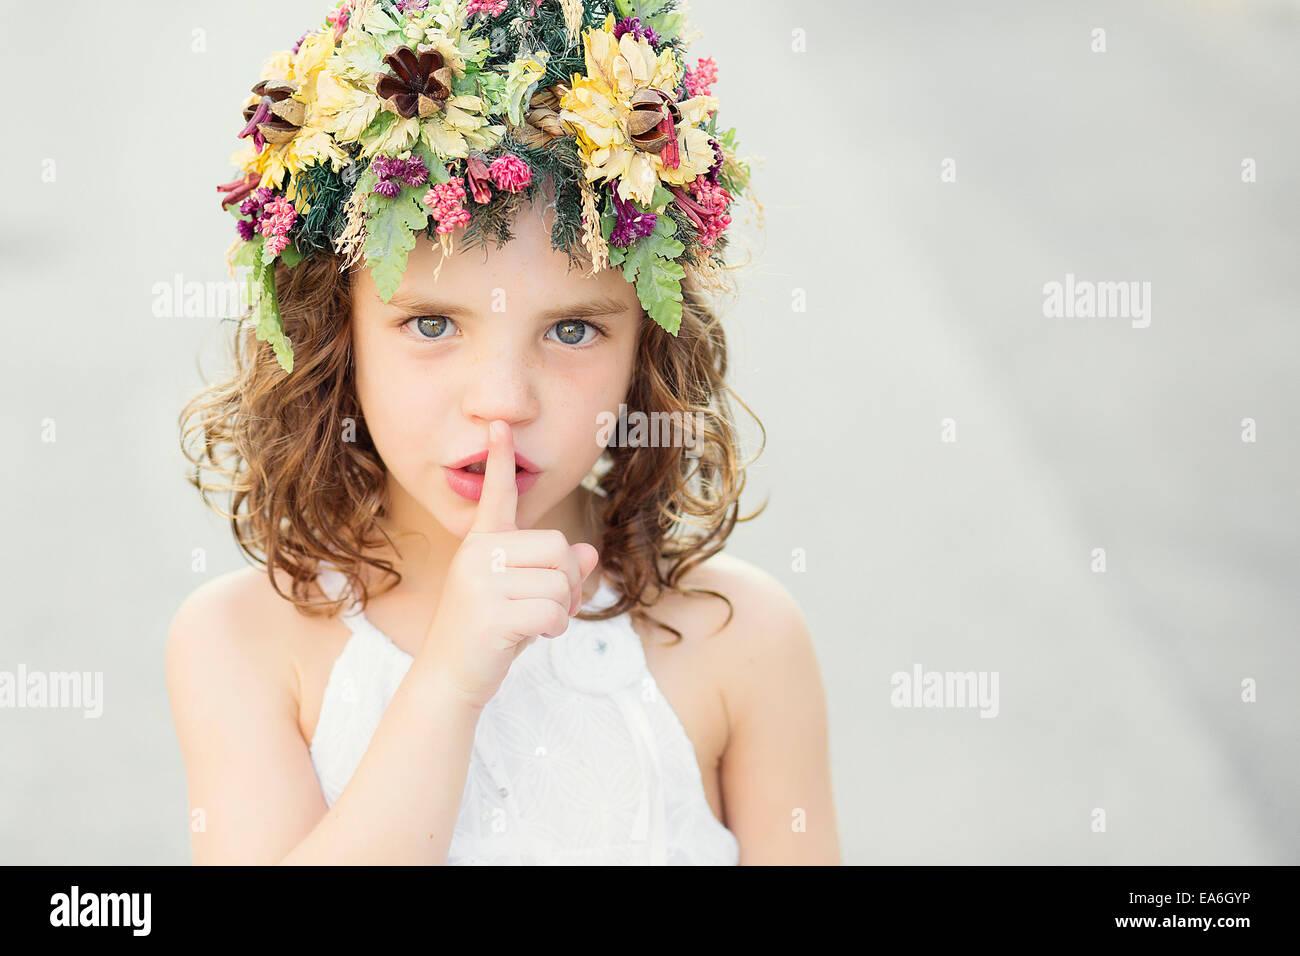 Girl shushing with finger on her lips - Stock Image